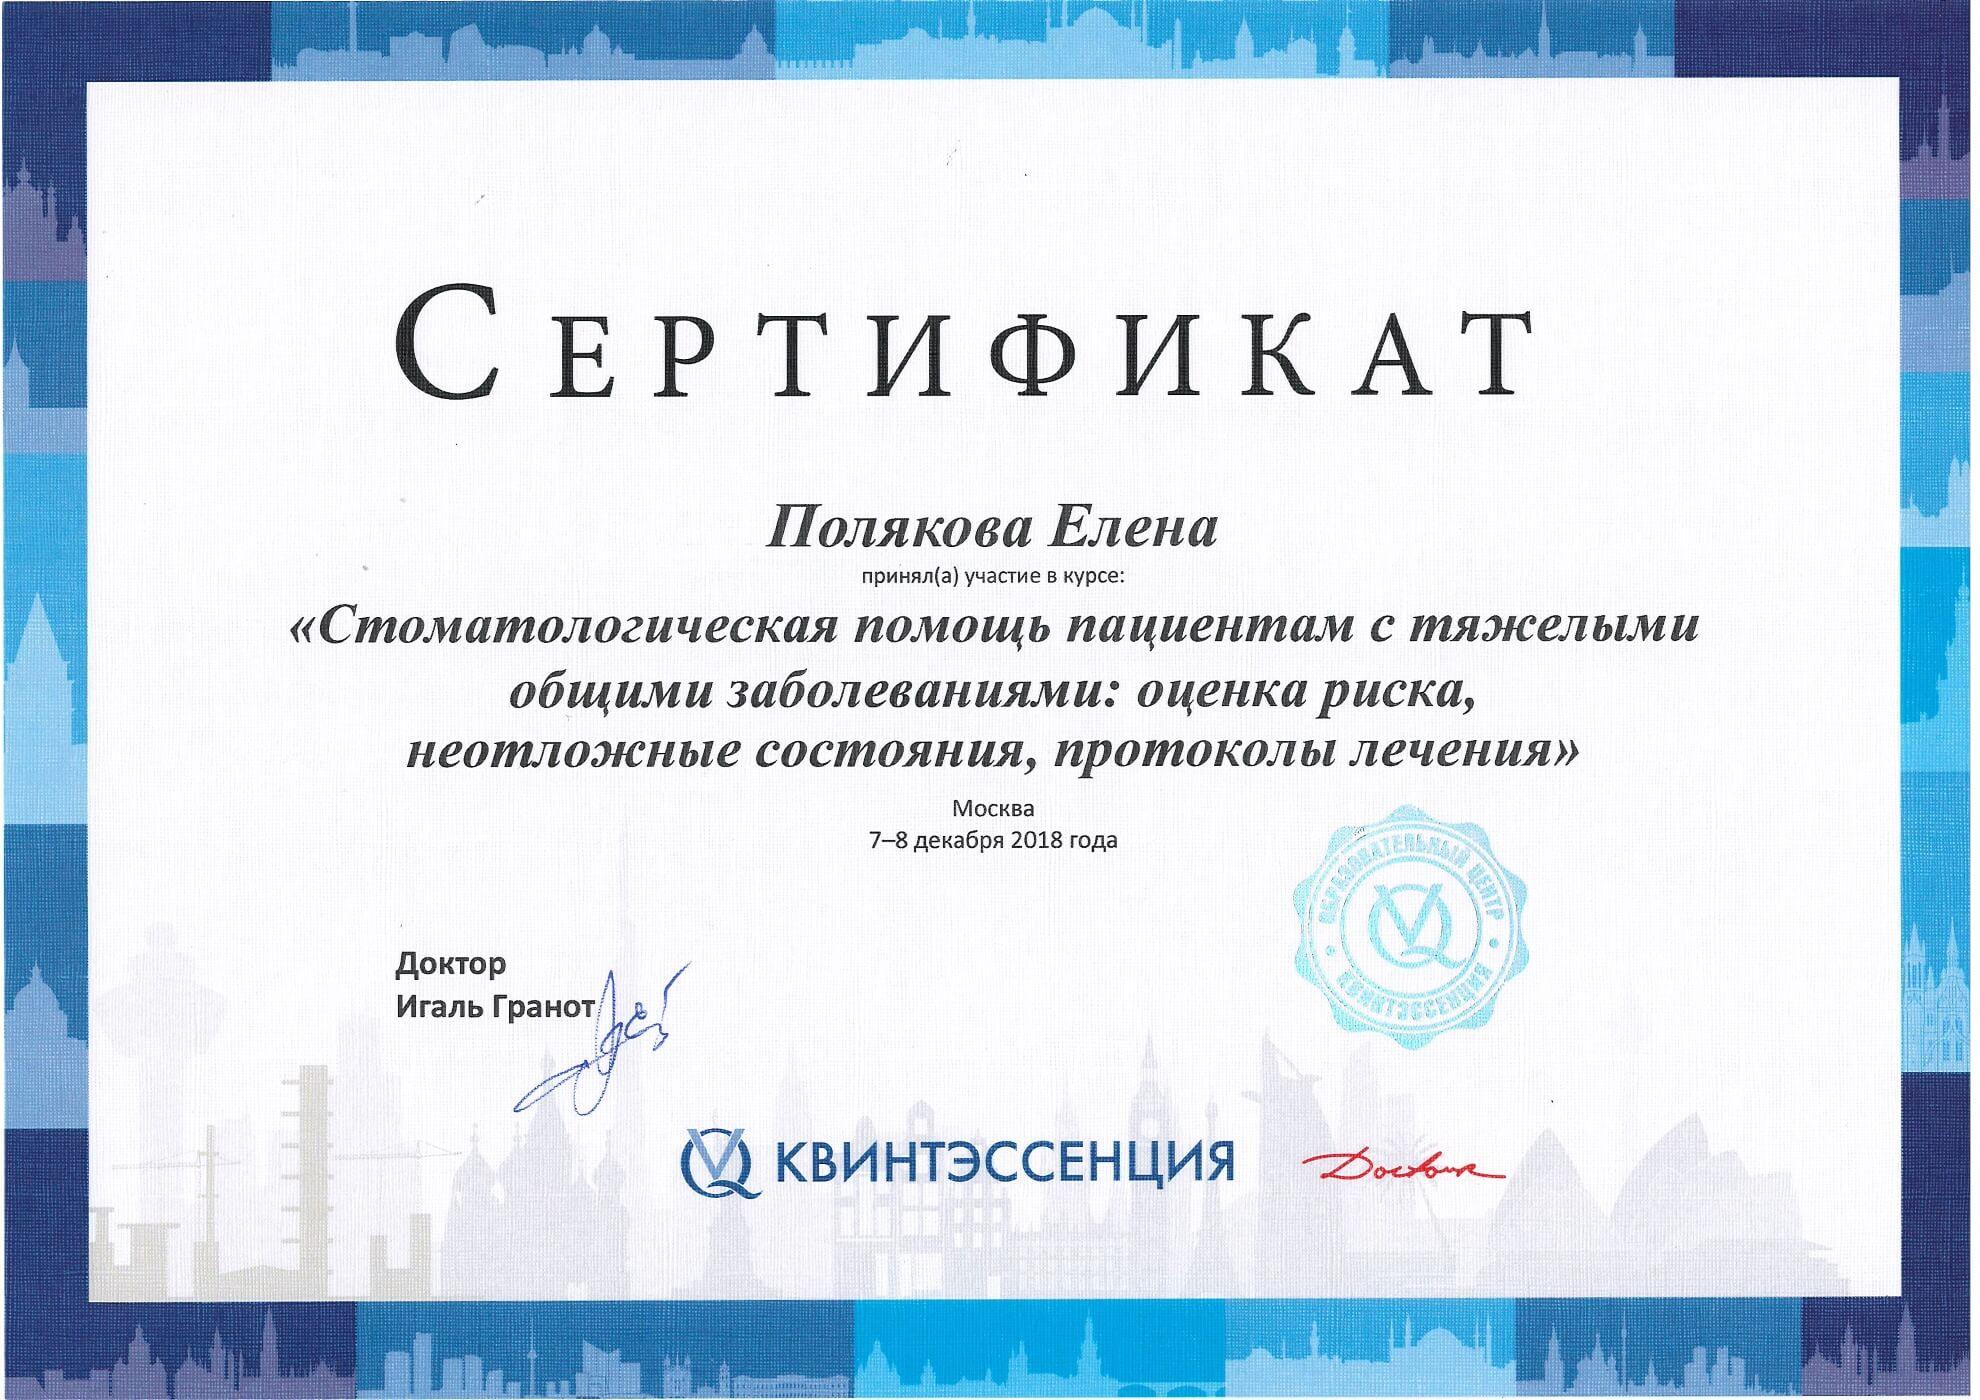 сертификат стоматолога Полякова декабрь 2018